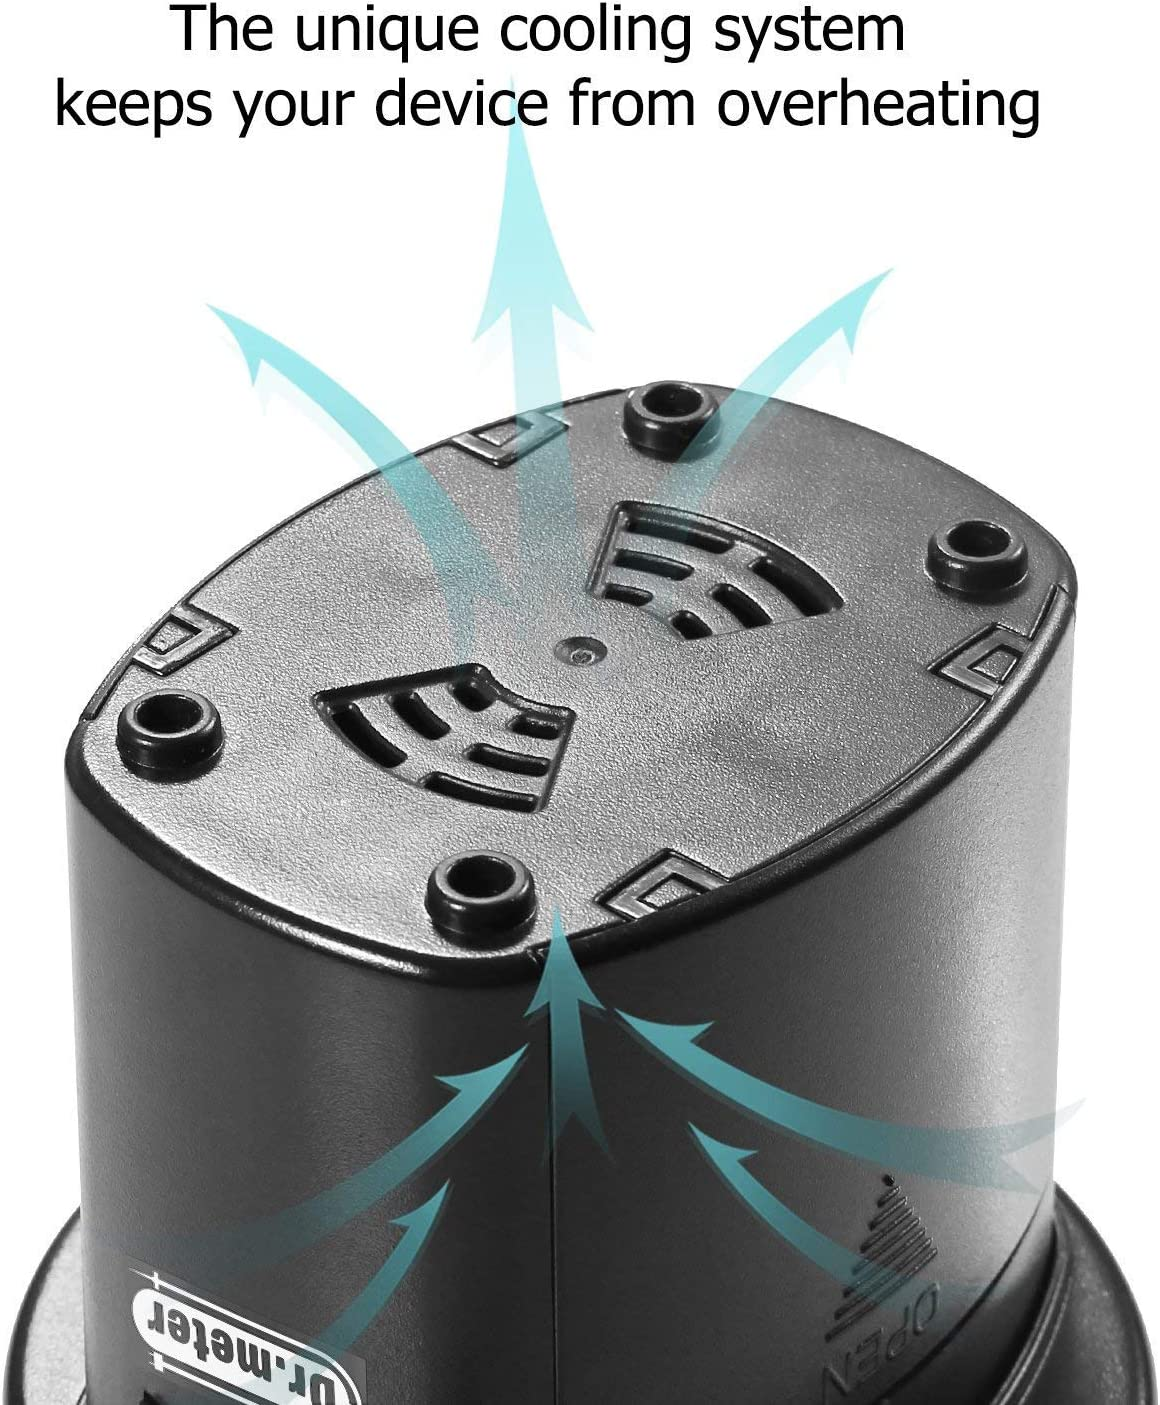 flotadores de Piscina Ideal para inflado r/ápido de Camas de Aire Dr.meter Inflador Electrico Bater/ías CA 220V // DC 12V Bomba de inflado el/éctrica con bater/ía Inflado//Desinflado neum/áticos